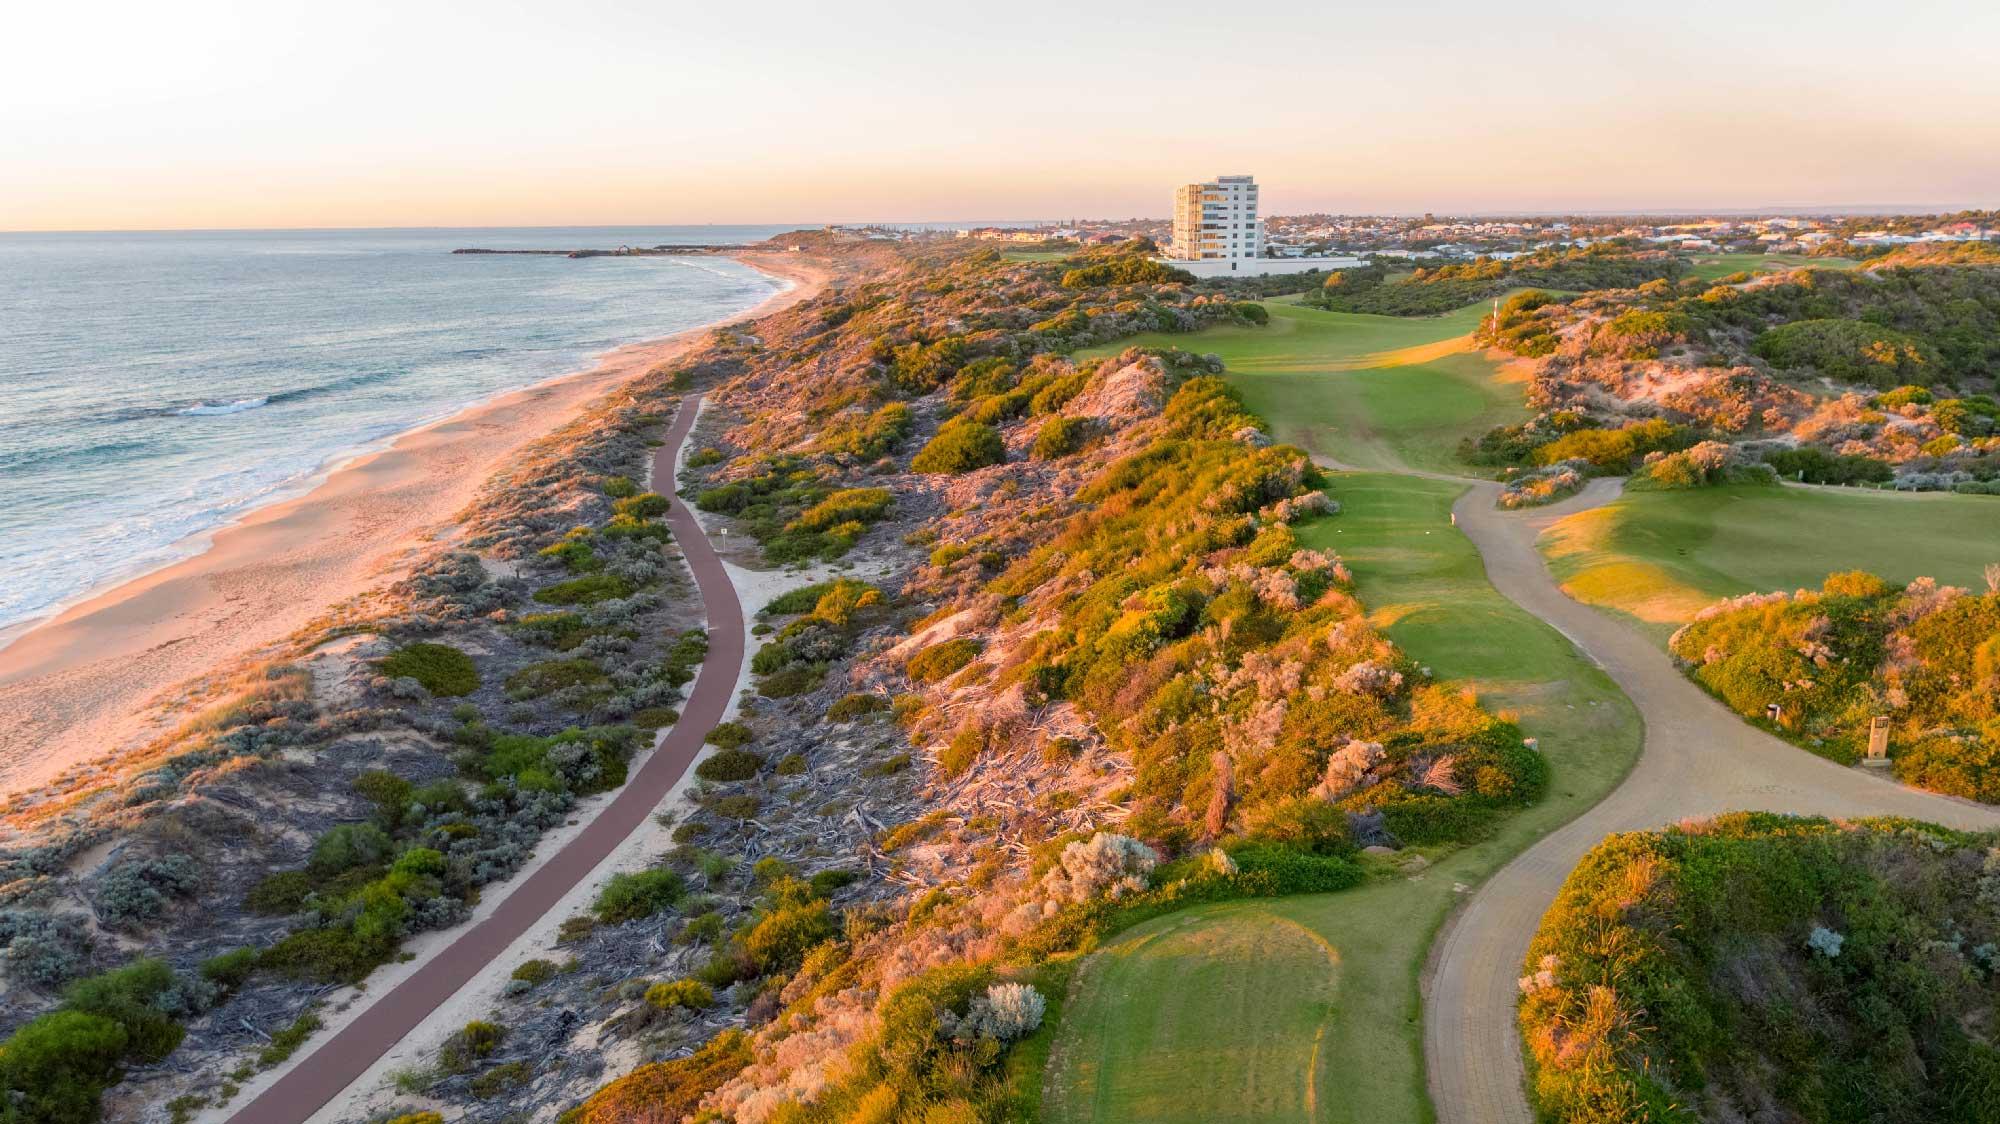 The Cut Golf Course Mandurah